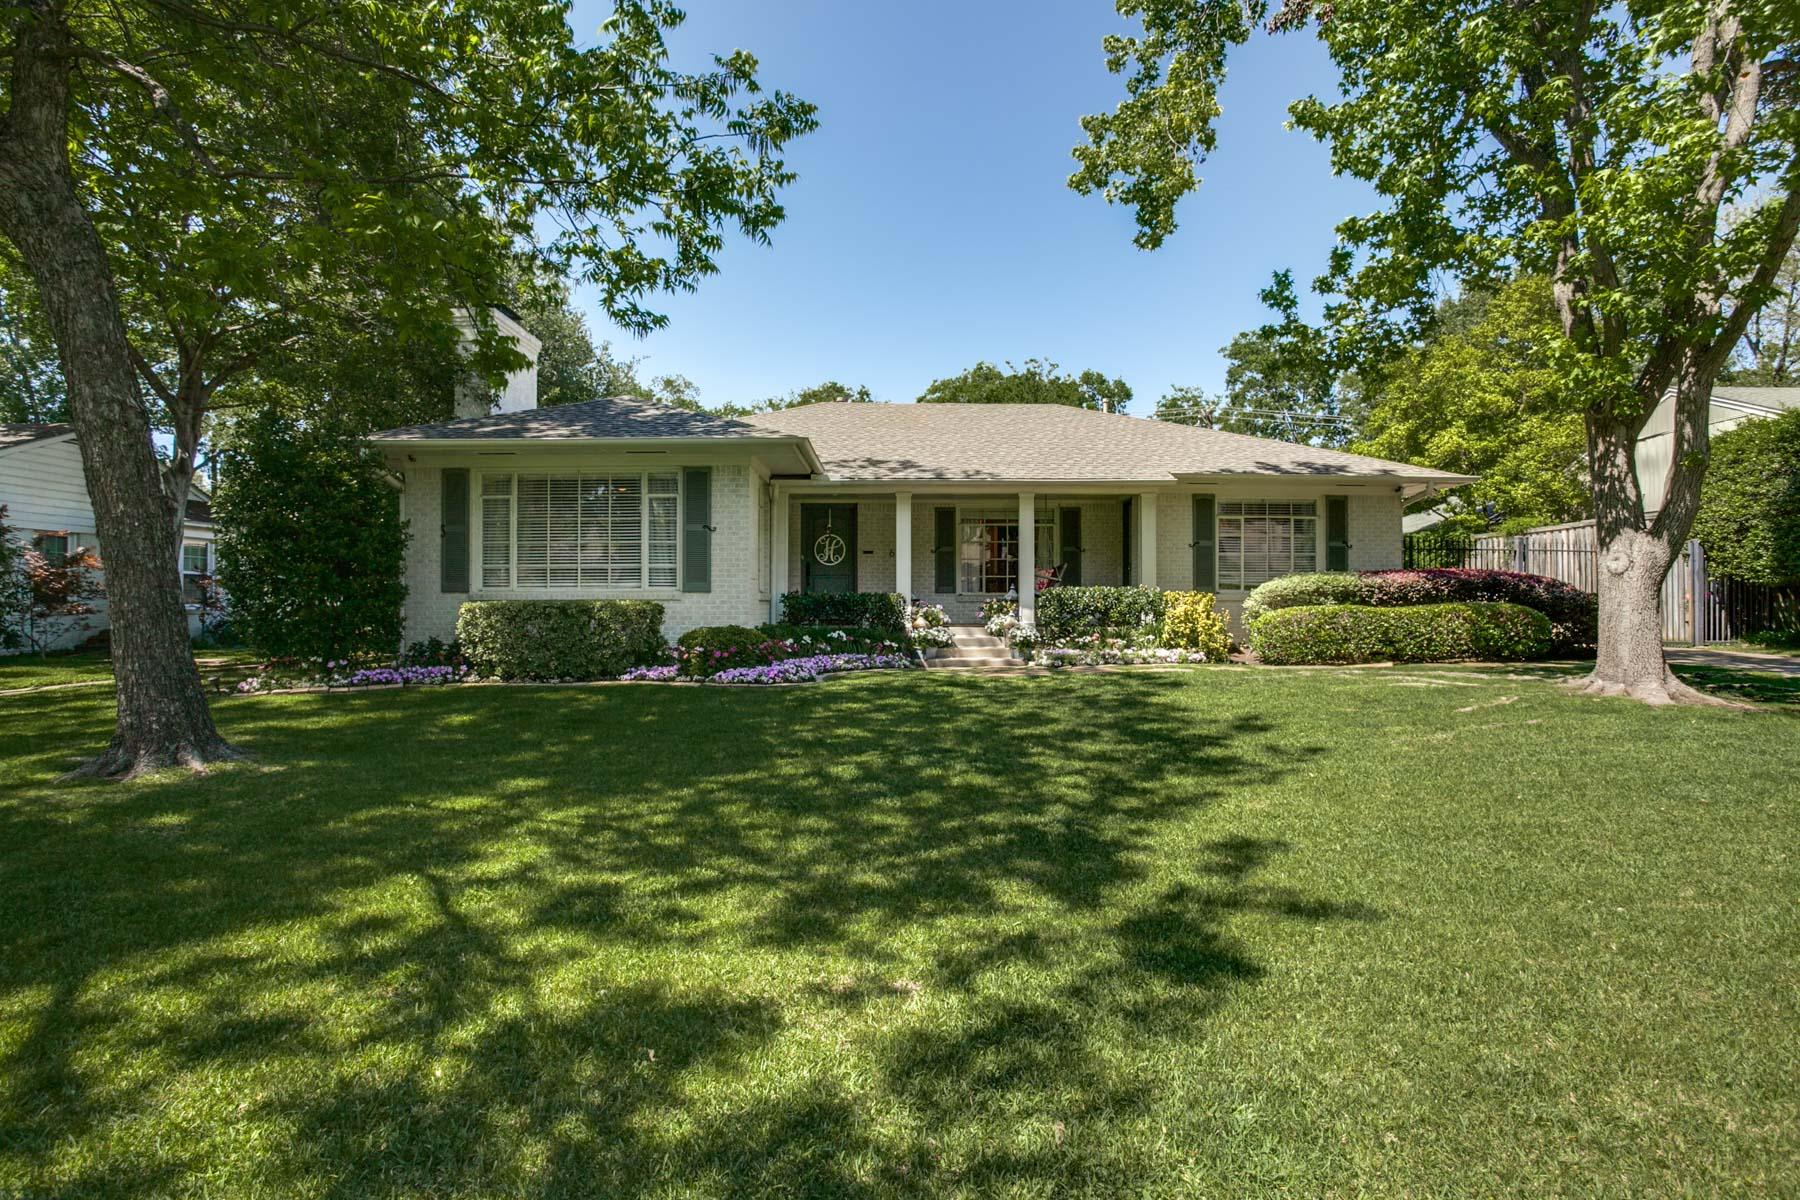 一戸建て のために 売買 アット Terrific Preston Hollow Home 6231 Del Norte Ln Dallas, テキサス, 75225 アメリカ合衆国